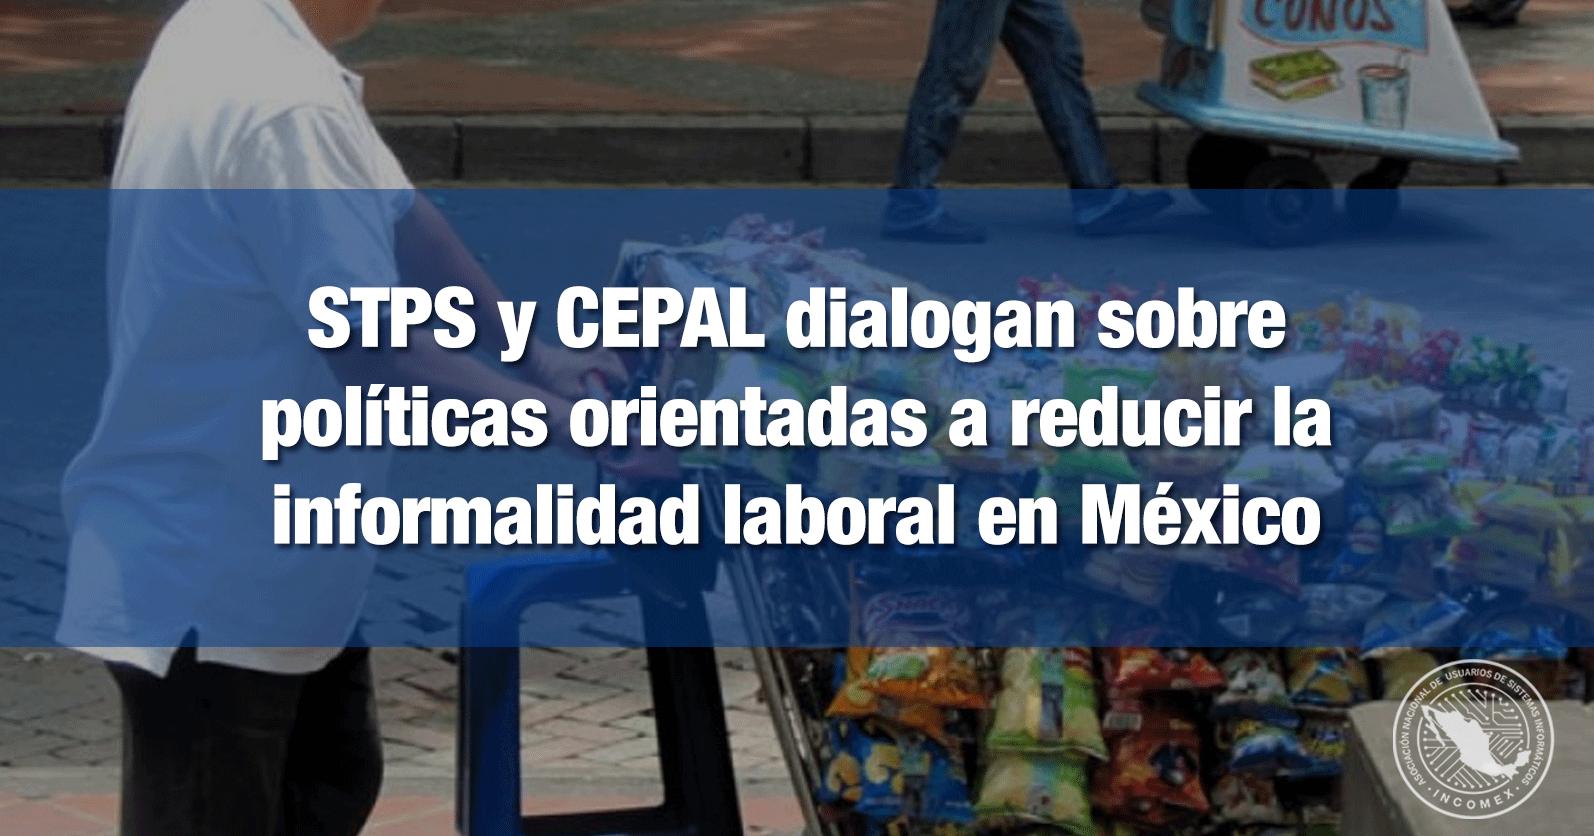 STPS y CEPAL dialogan sobre políticas orientadas a reducir la informalidad laboral en México